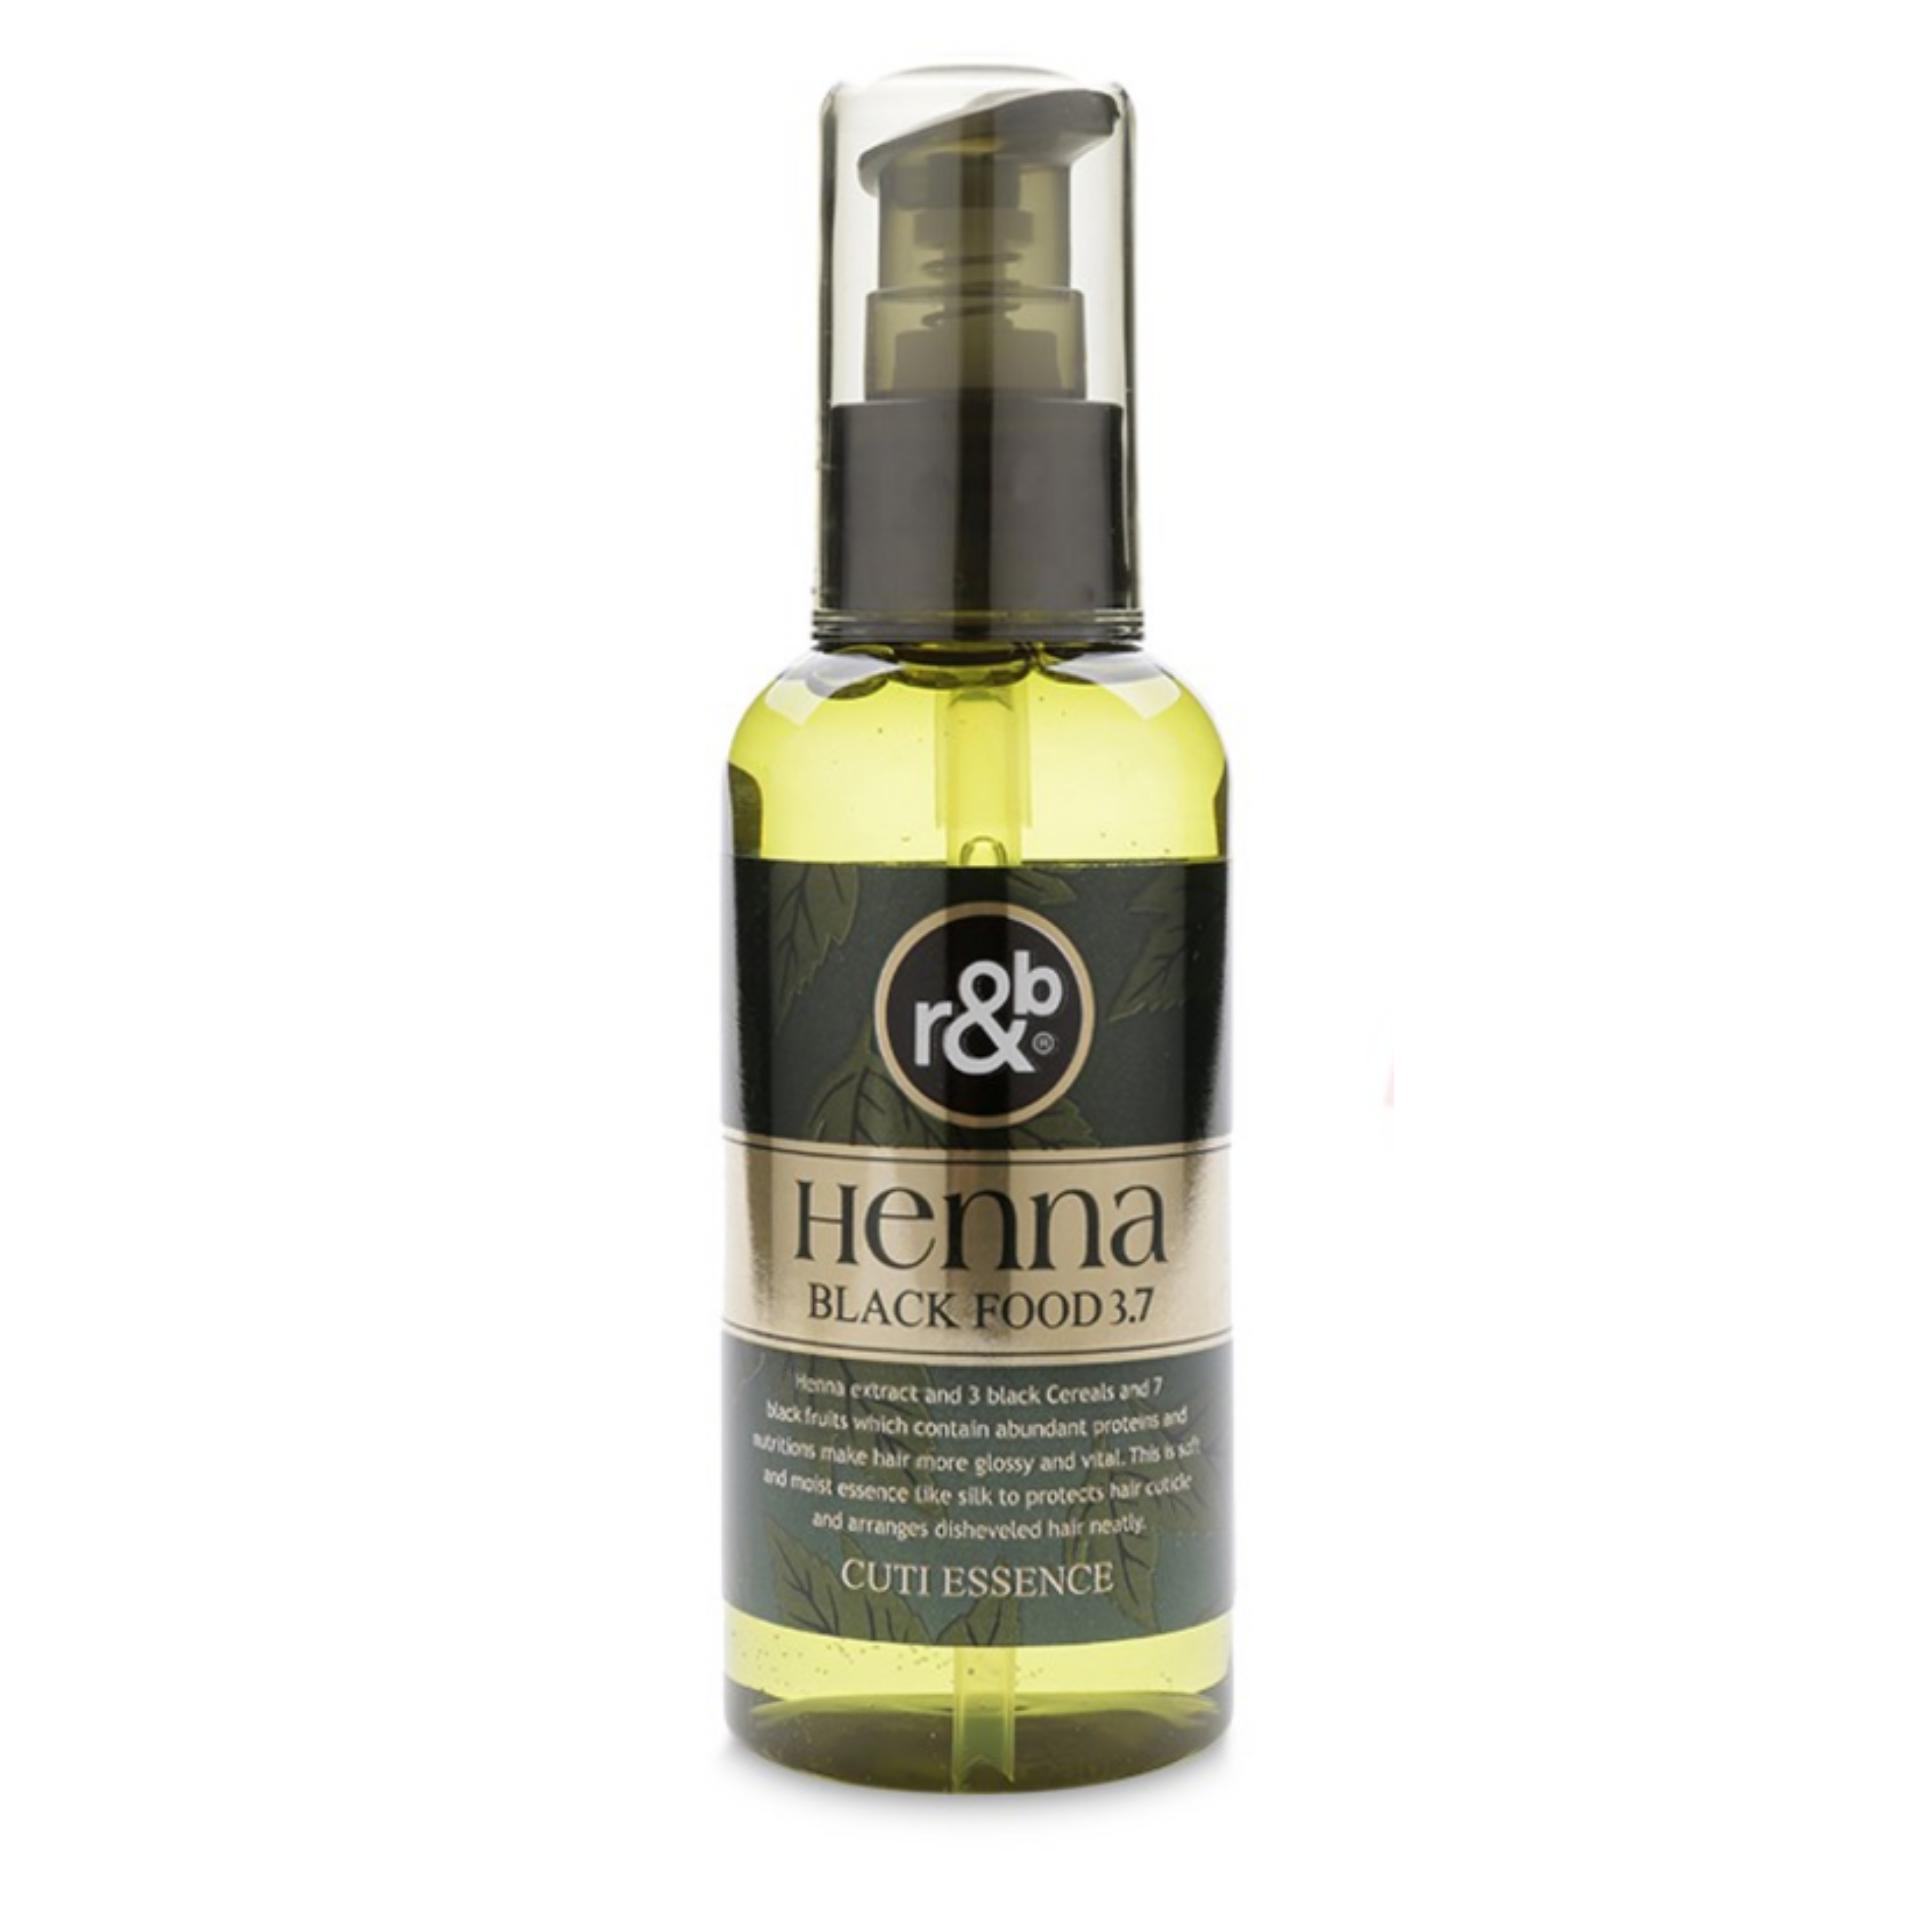 Dầu bóng tóc dinh dưỡng R&B Henna Black Food 3.7 100ml